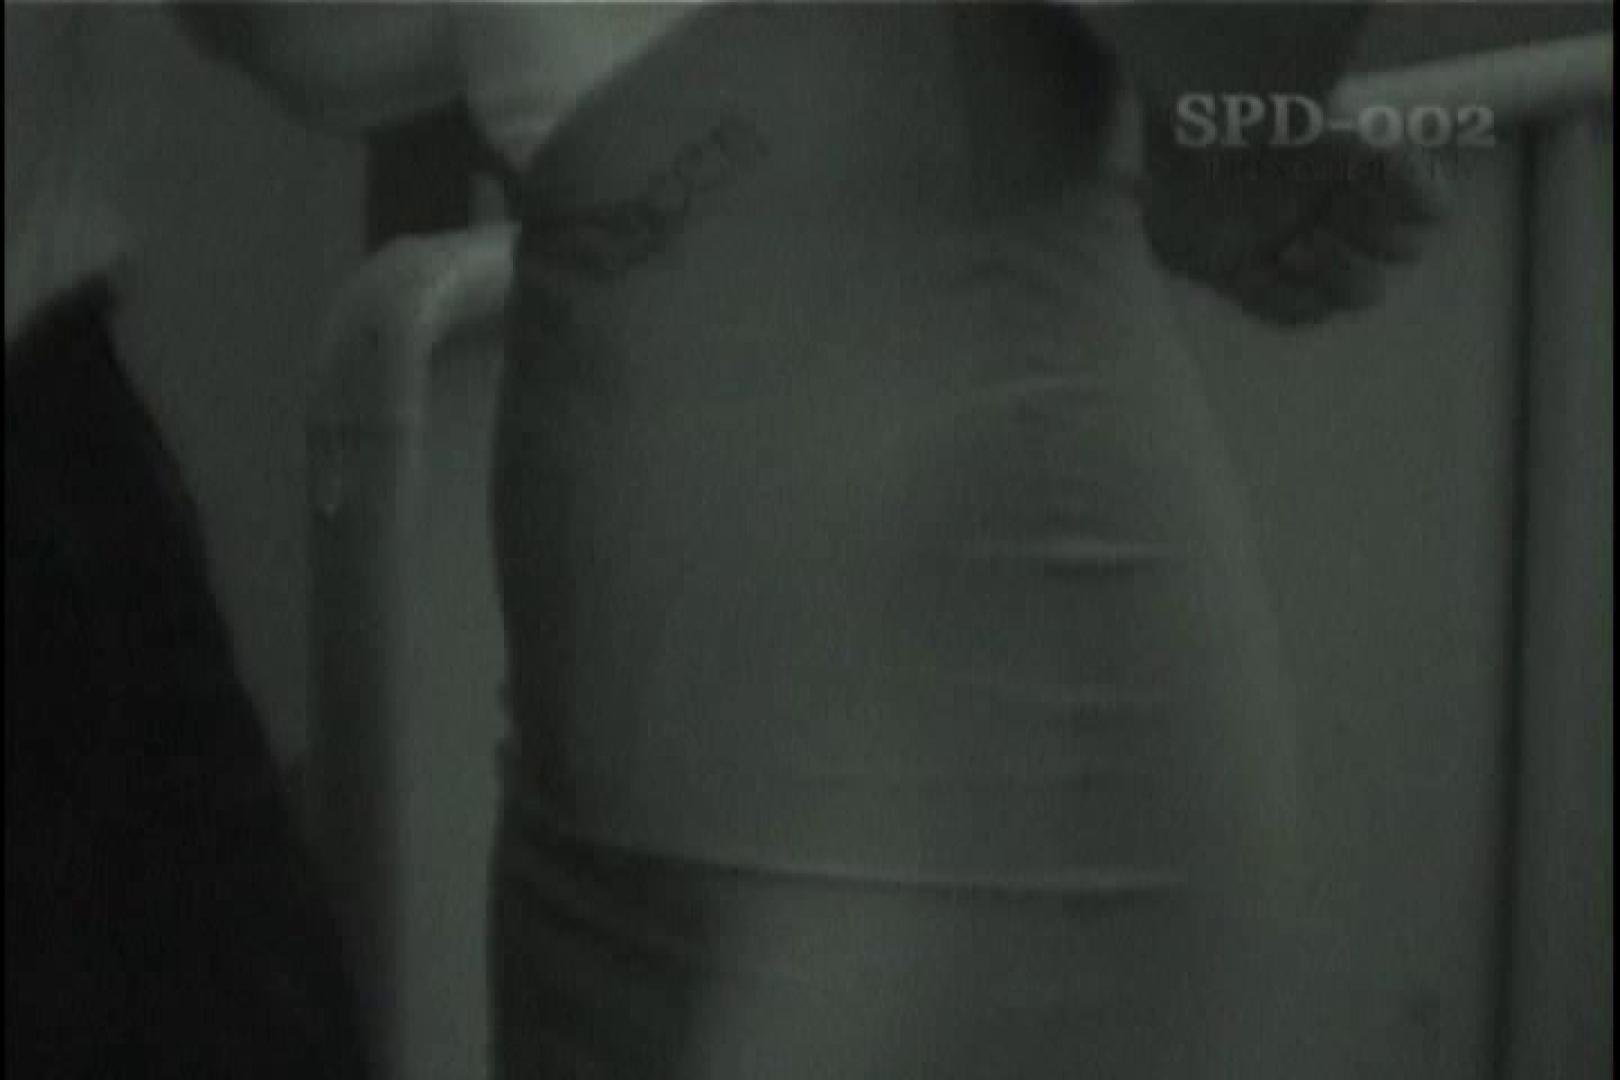 ハメ撮り|高画質版!SPD-002 レースクイーン 赤外線&盗撮|のぞき本舗 中村屋